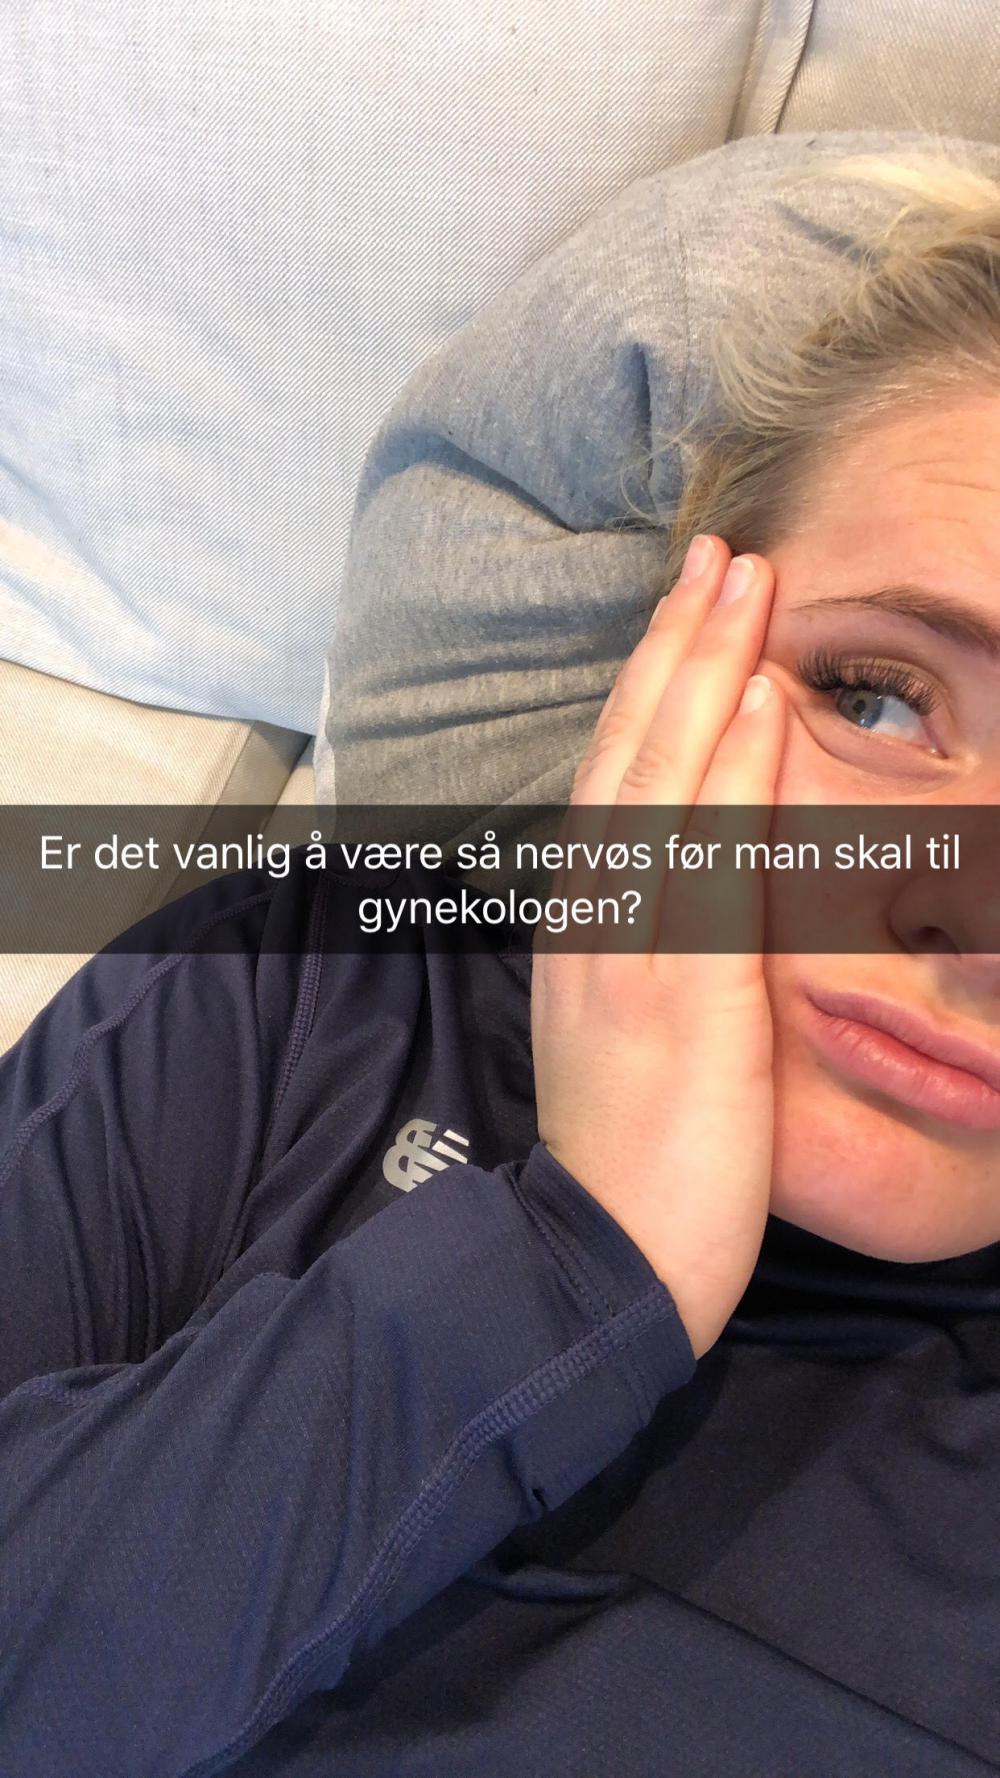 paradise hotel norge sesong 1 kvinneguiden seksualitet